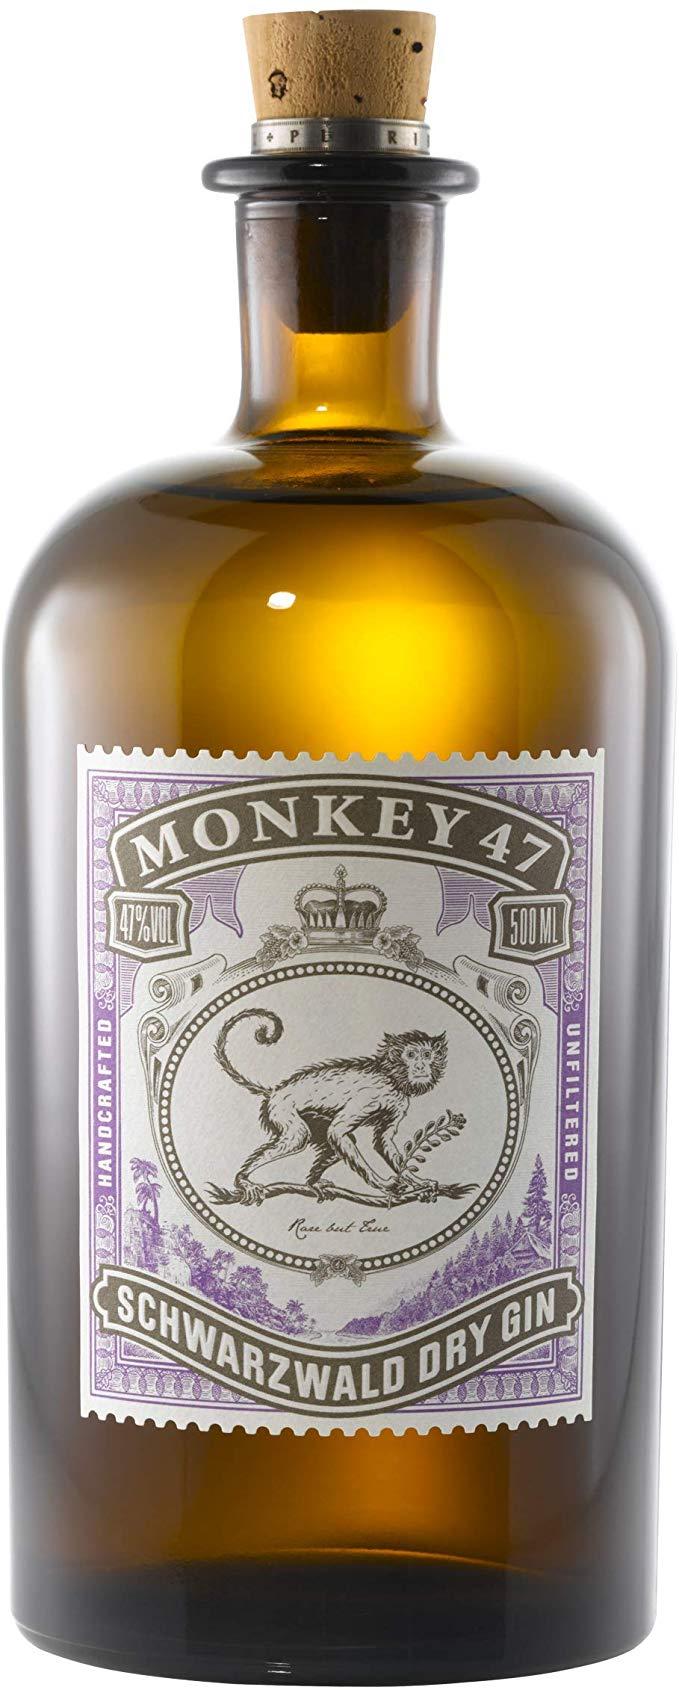 Monkey 47 Schwarzwald Dry Gin, 50cl £29.48 Amazon